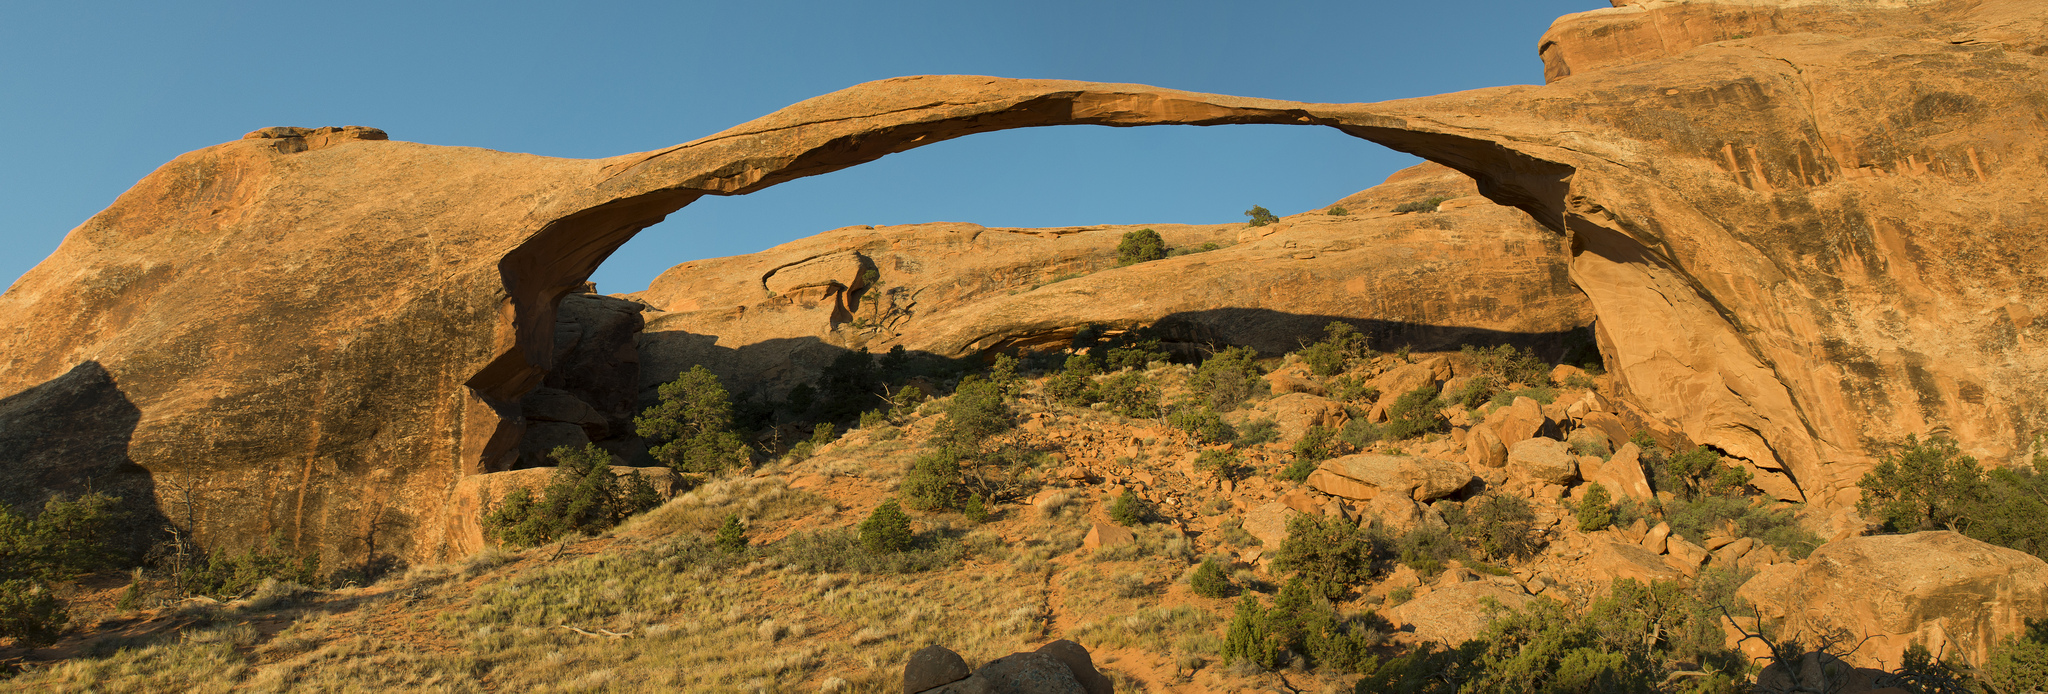 Devils Garden - Arches National Park (U.S. National Park Service)